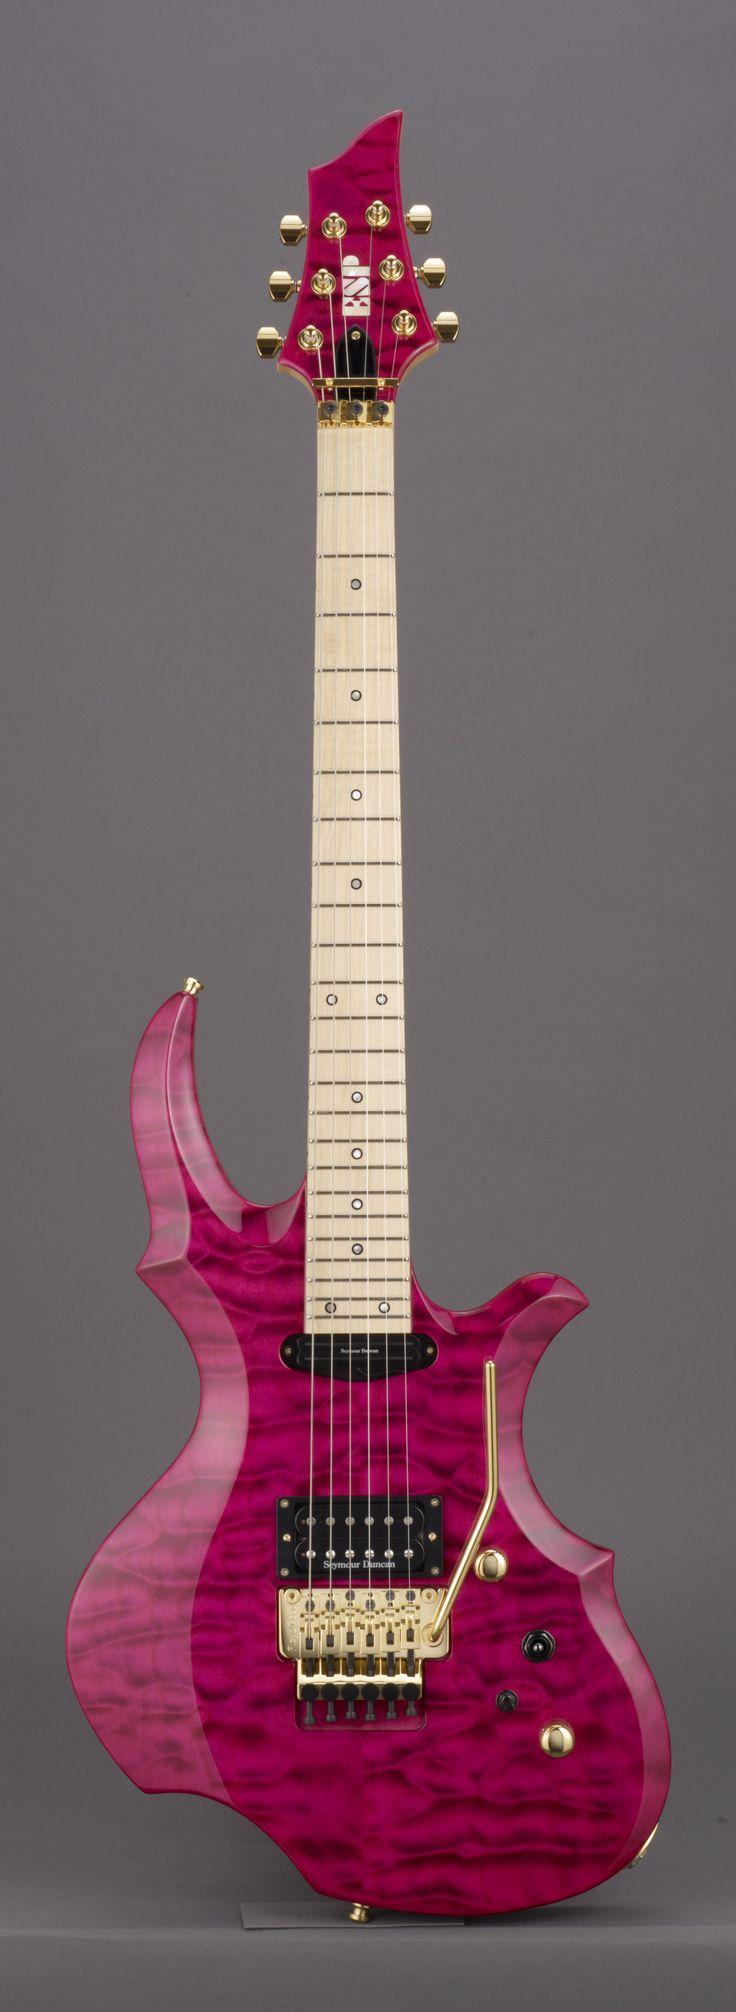 ANTELOPE Model ESP guitars